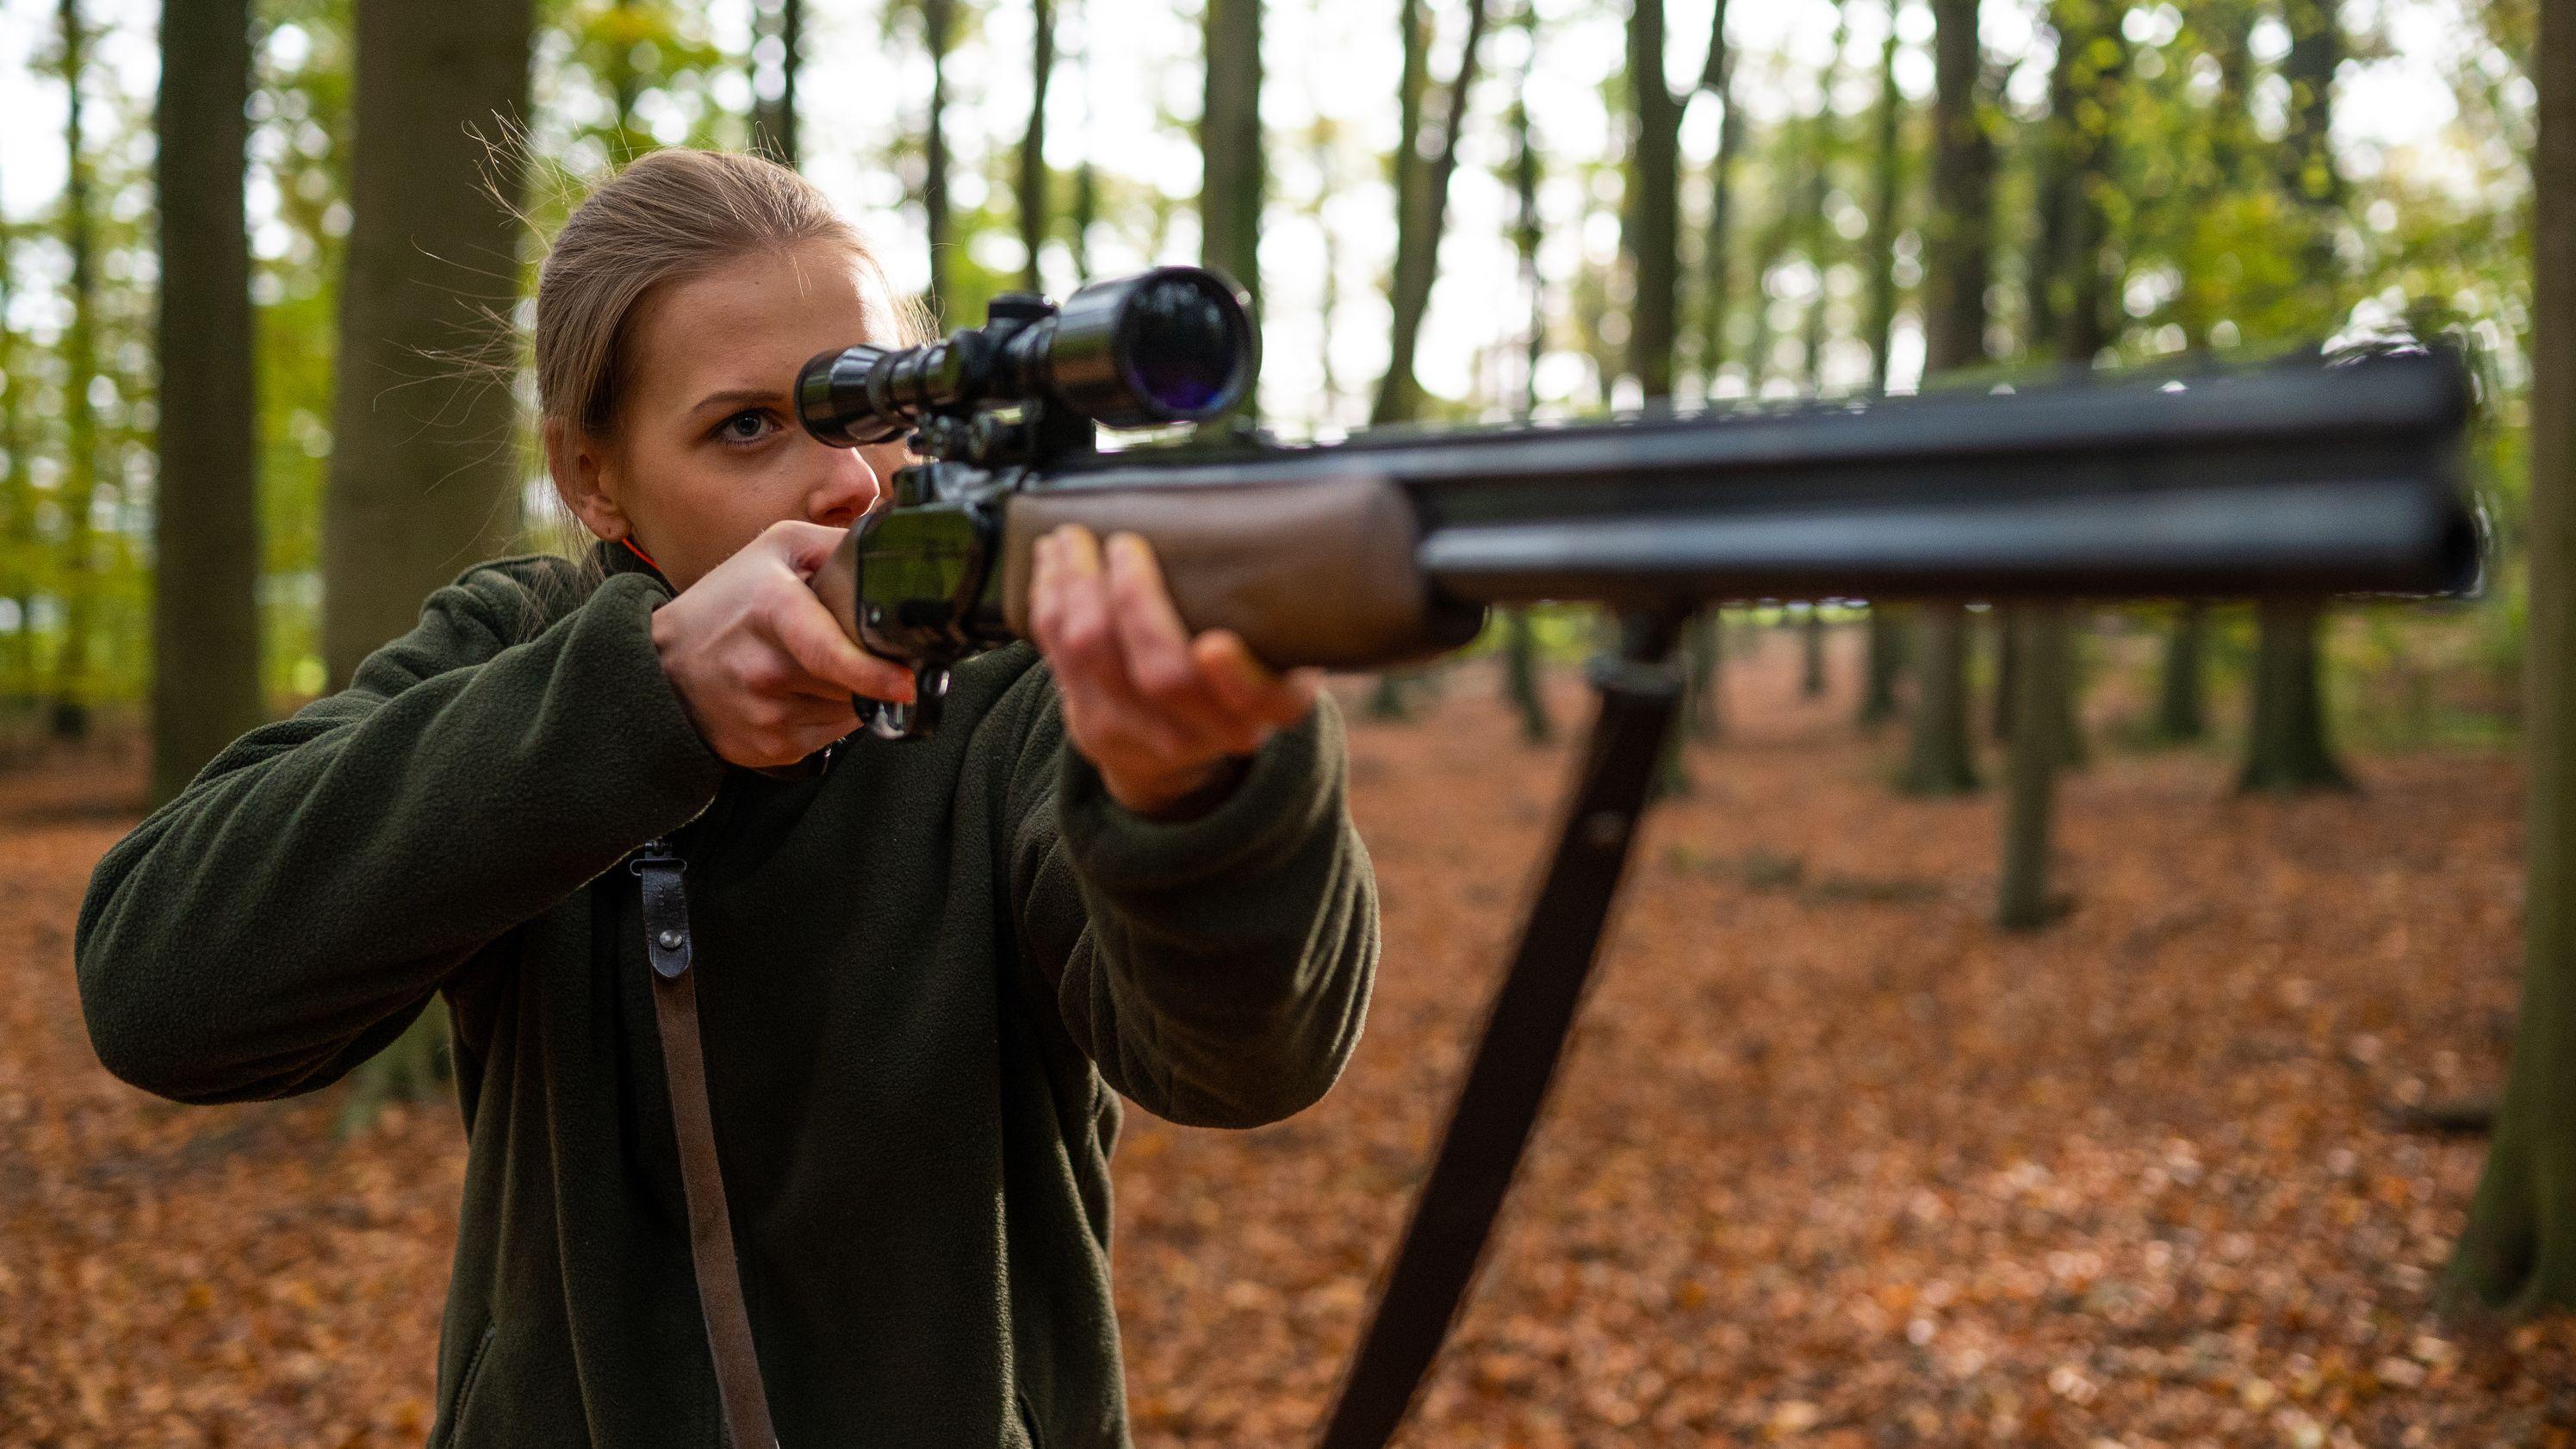 Die Jägerin Friederike Meyer steht mit ihrer Bockbüchsflinte im Wald